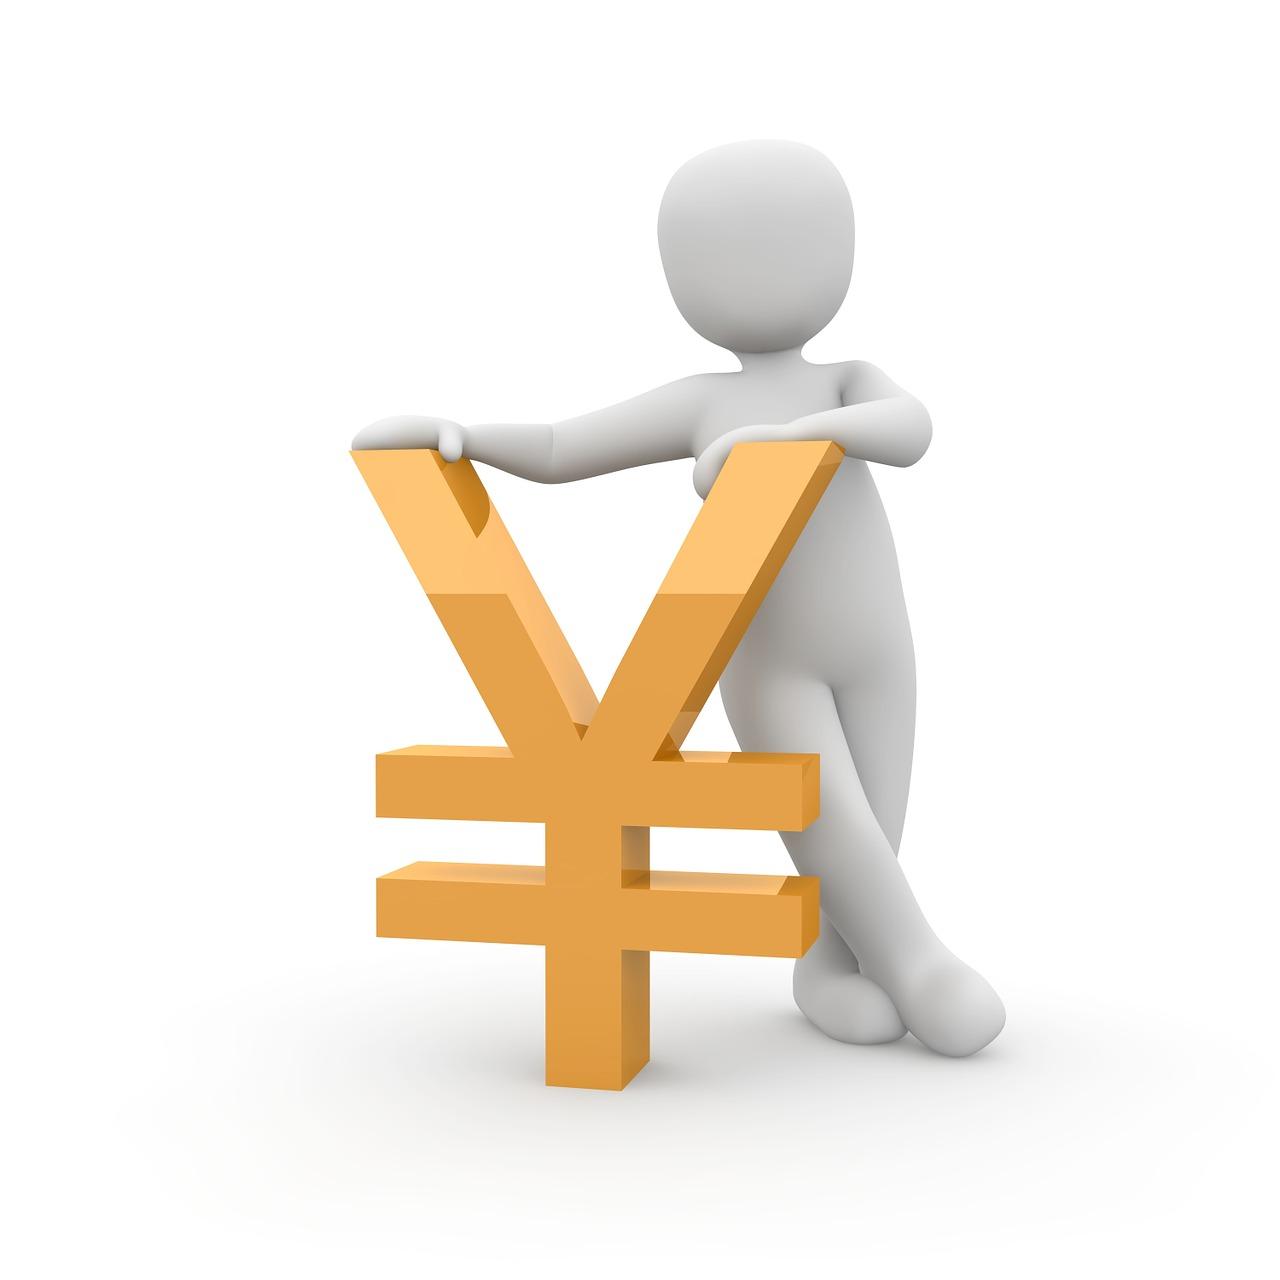 2019年 投資信託に投資するデメリット・メリット、おすすめの1本を紹介